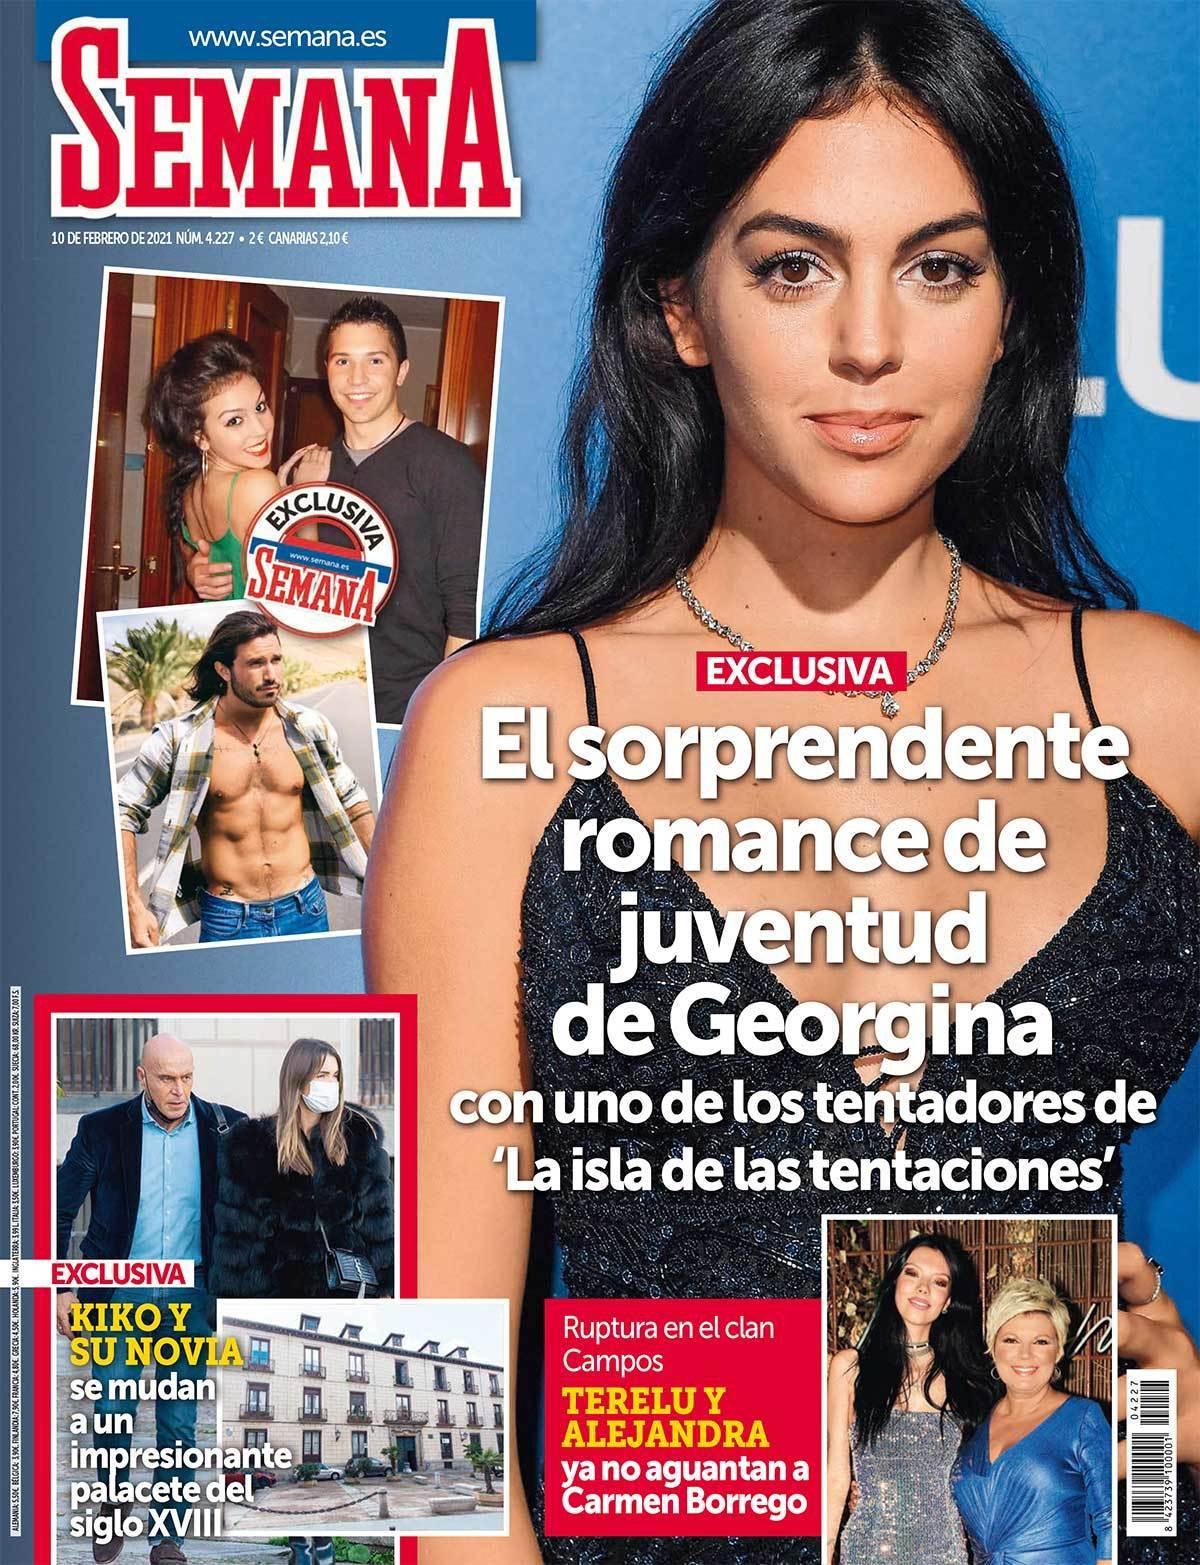 Portada de la revista Semana con Georgina Rodríguez y Javi de La isla de las tentaciones